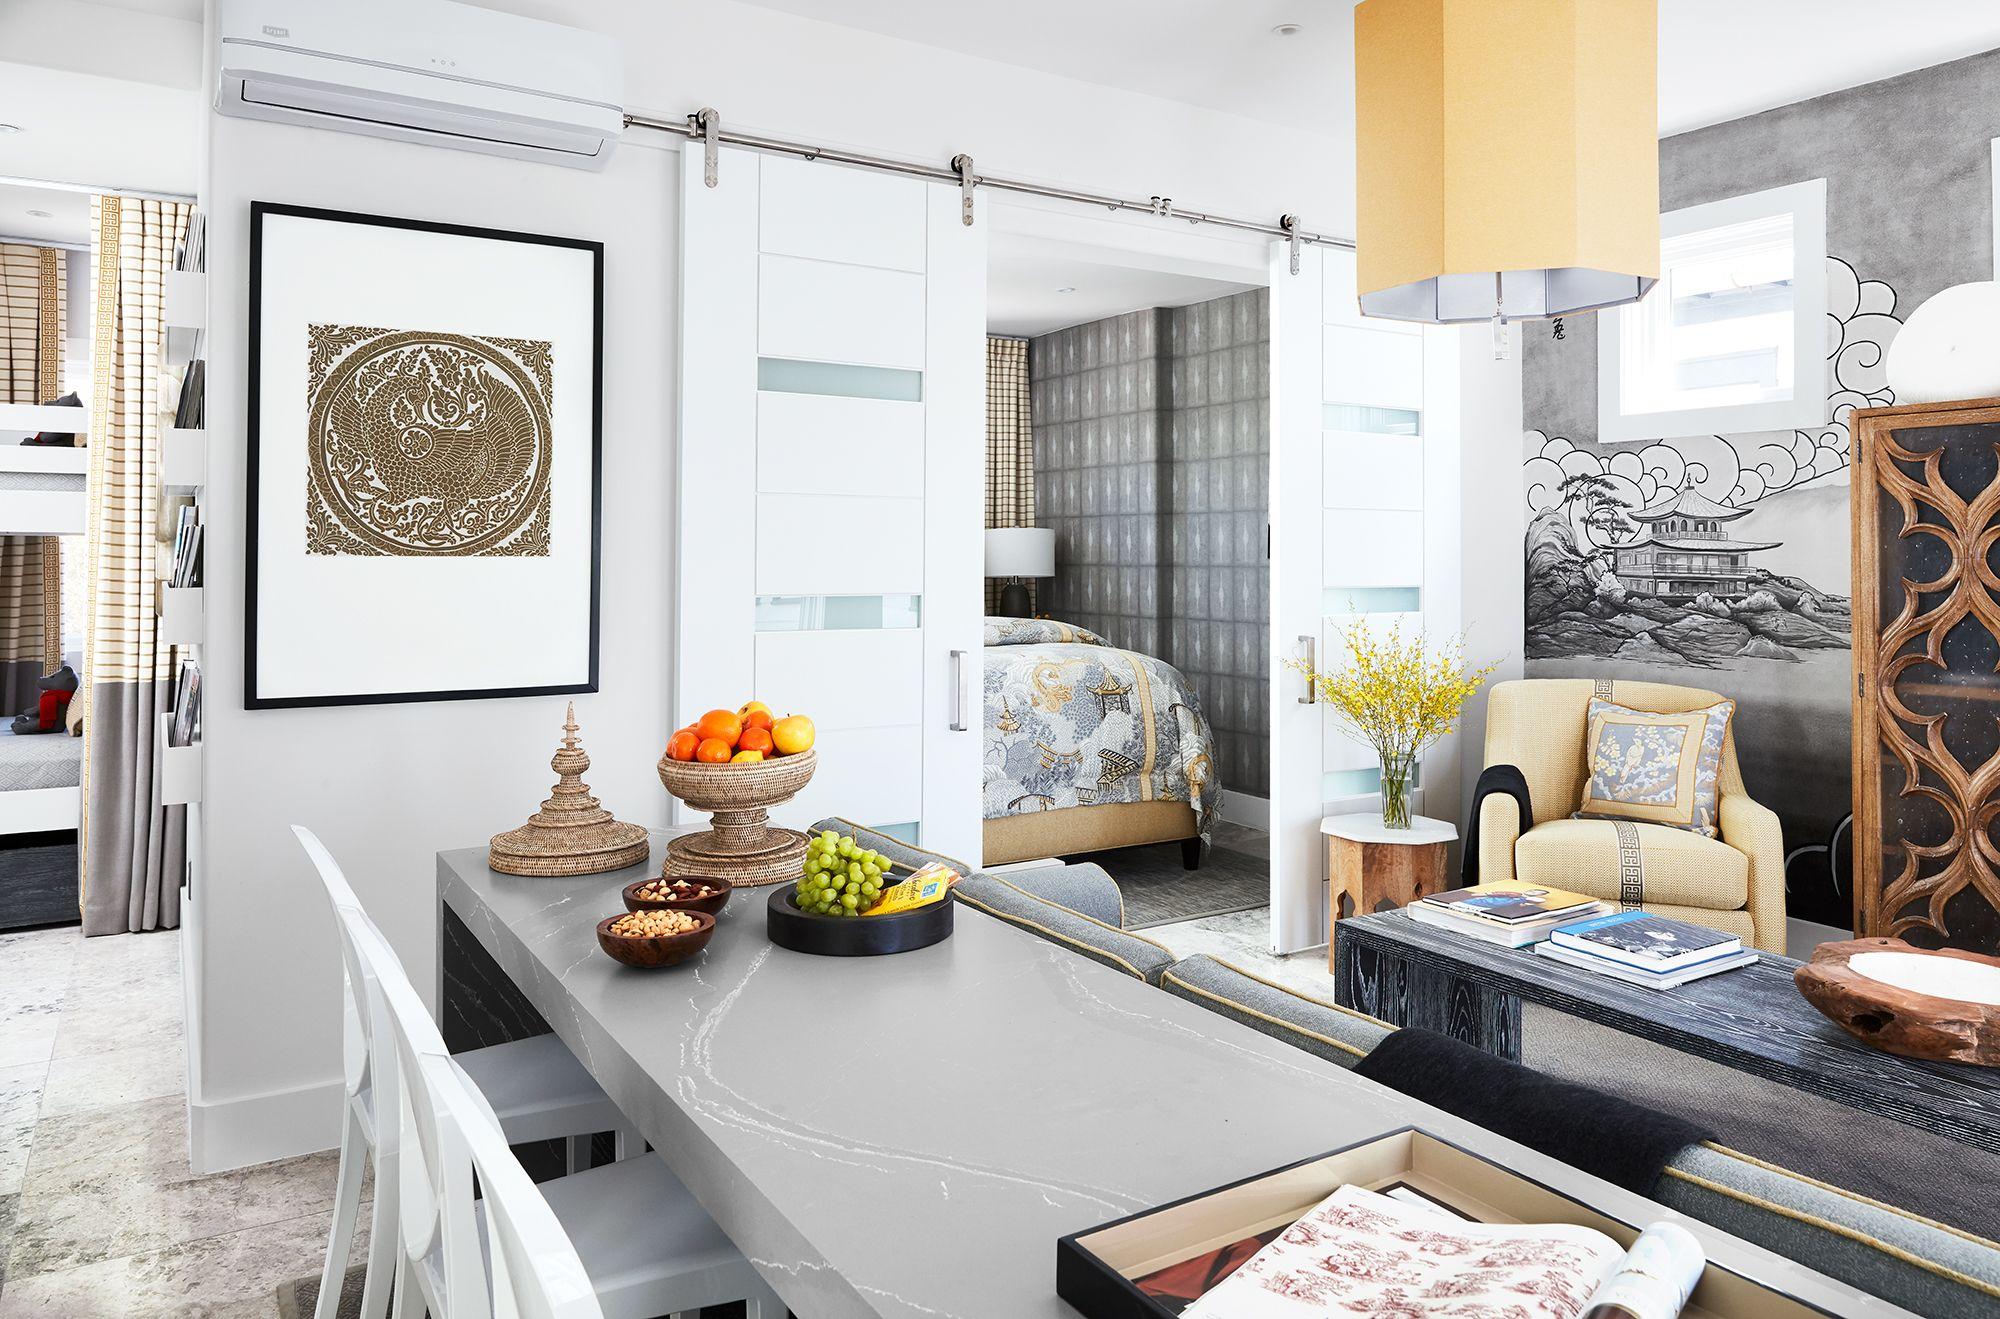 Full Size of Ikea Schner Stauraum 5 Einfache Hacks Ideen Modulküche Betten Bei 160x200 Küche Kaufen Regal Miniküche Kosten Sofa Mit Schlaffunktion Wohnzimmer Ikea Raumteiler